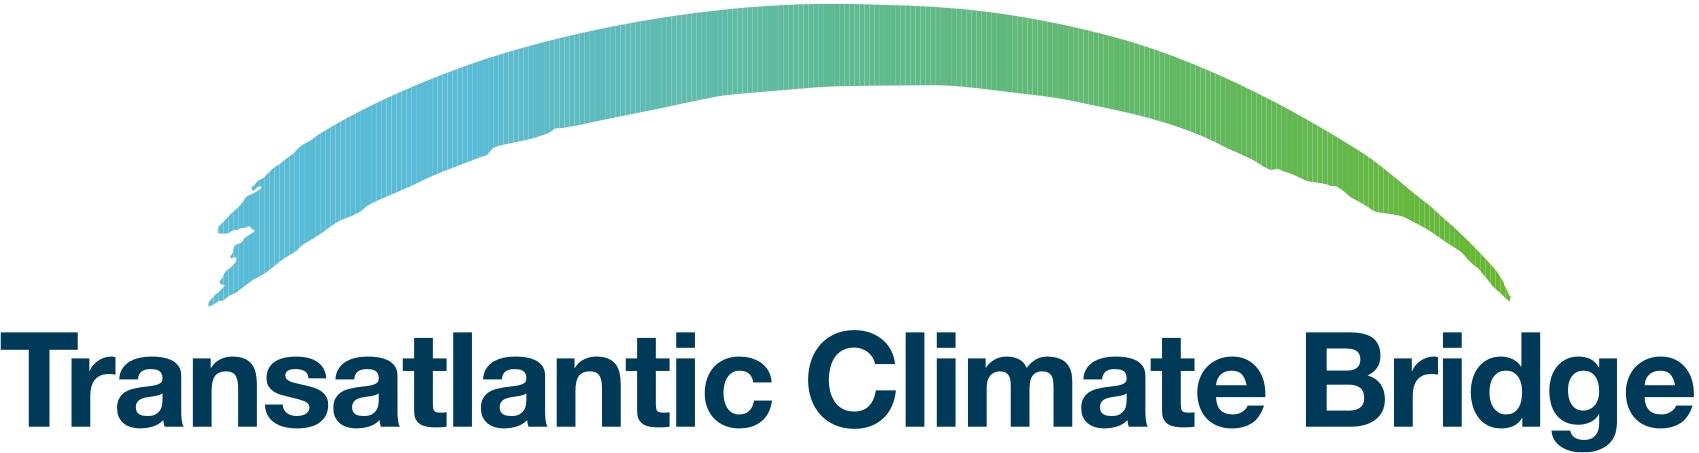 Transatlantic Climate Bridge